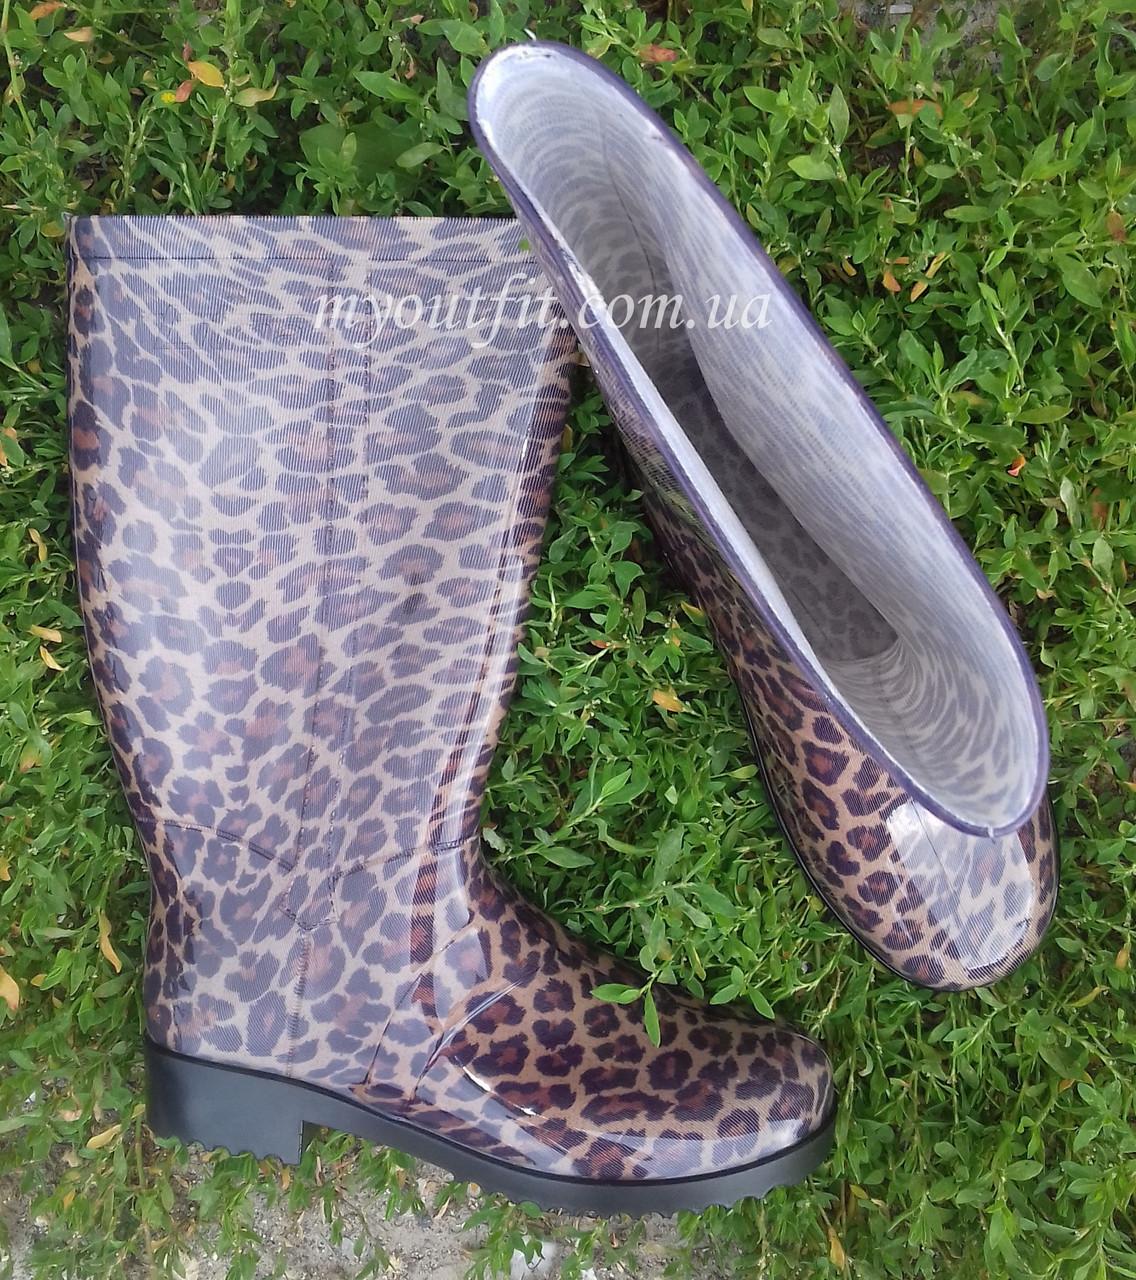 aaf04bdd5 Женские резиновые сапоги / Леопард Литма Літма Litma жіночі гумаки резиняки  чоботи гумові ...